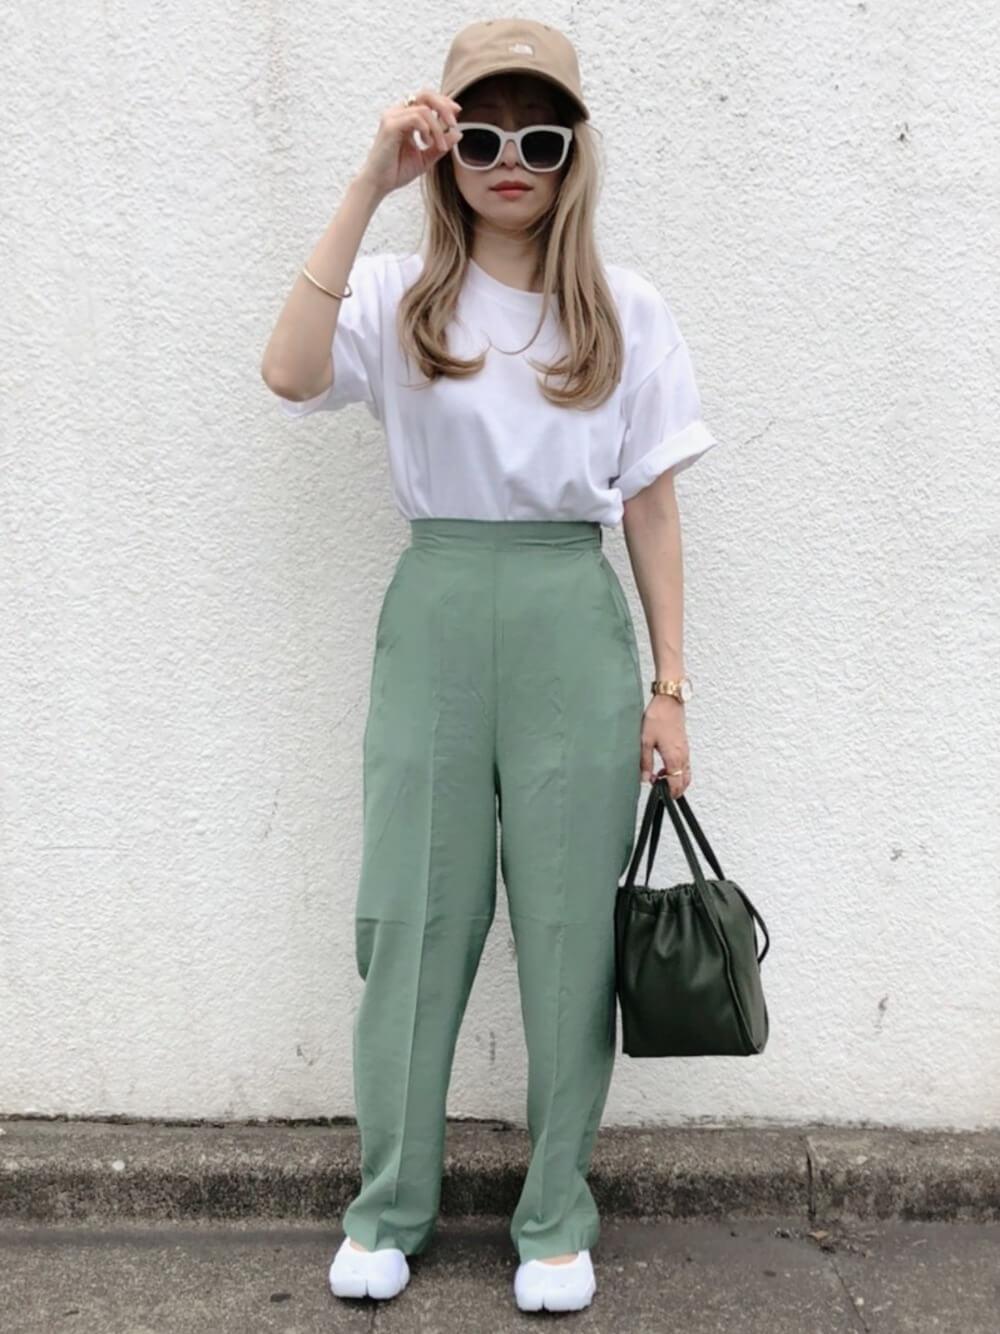 キャップ×白のTシャツ×グリーンのワイドパンツ×黒のバッグ